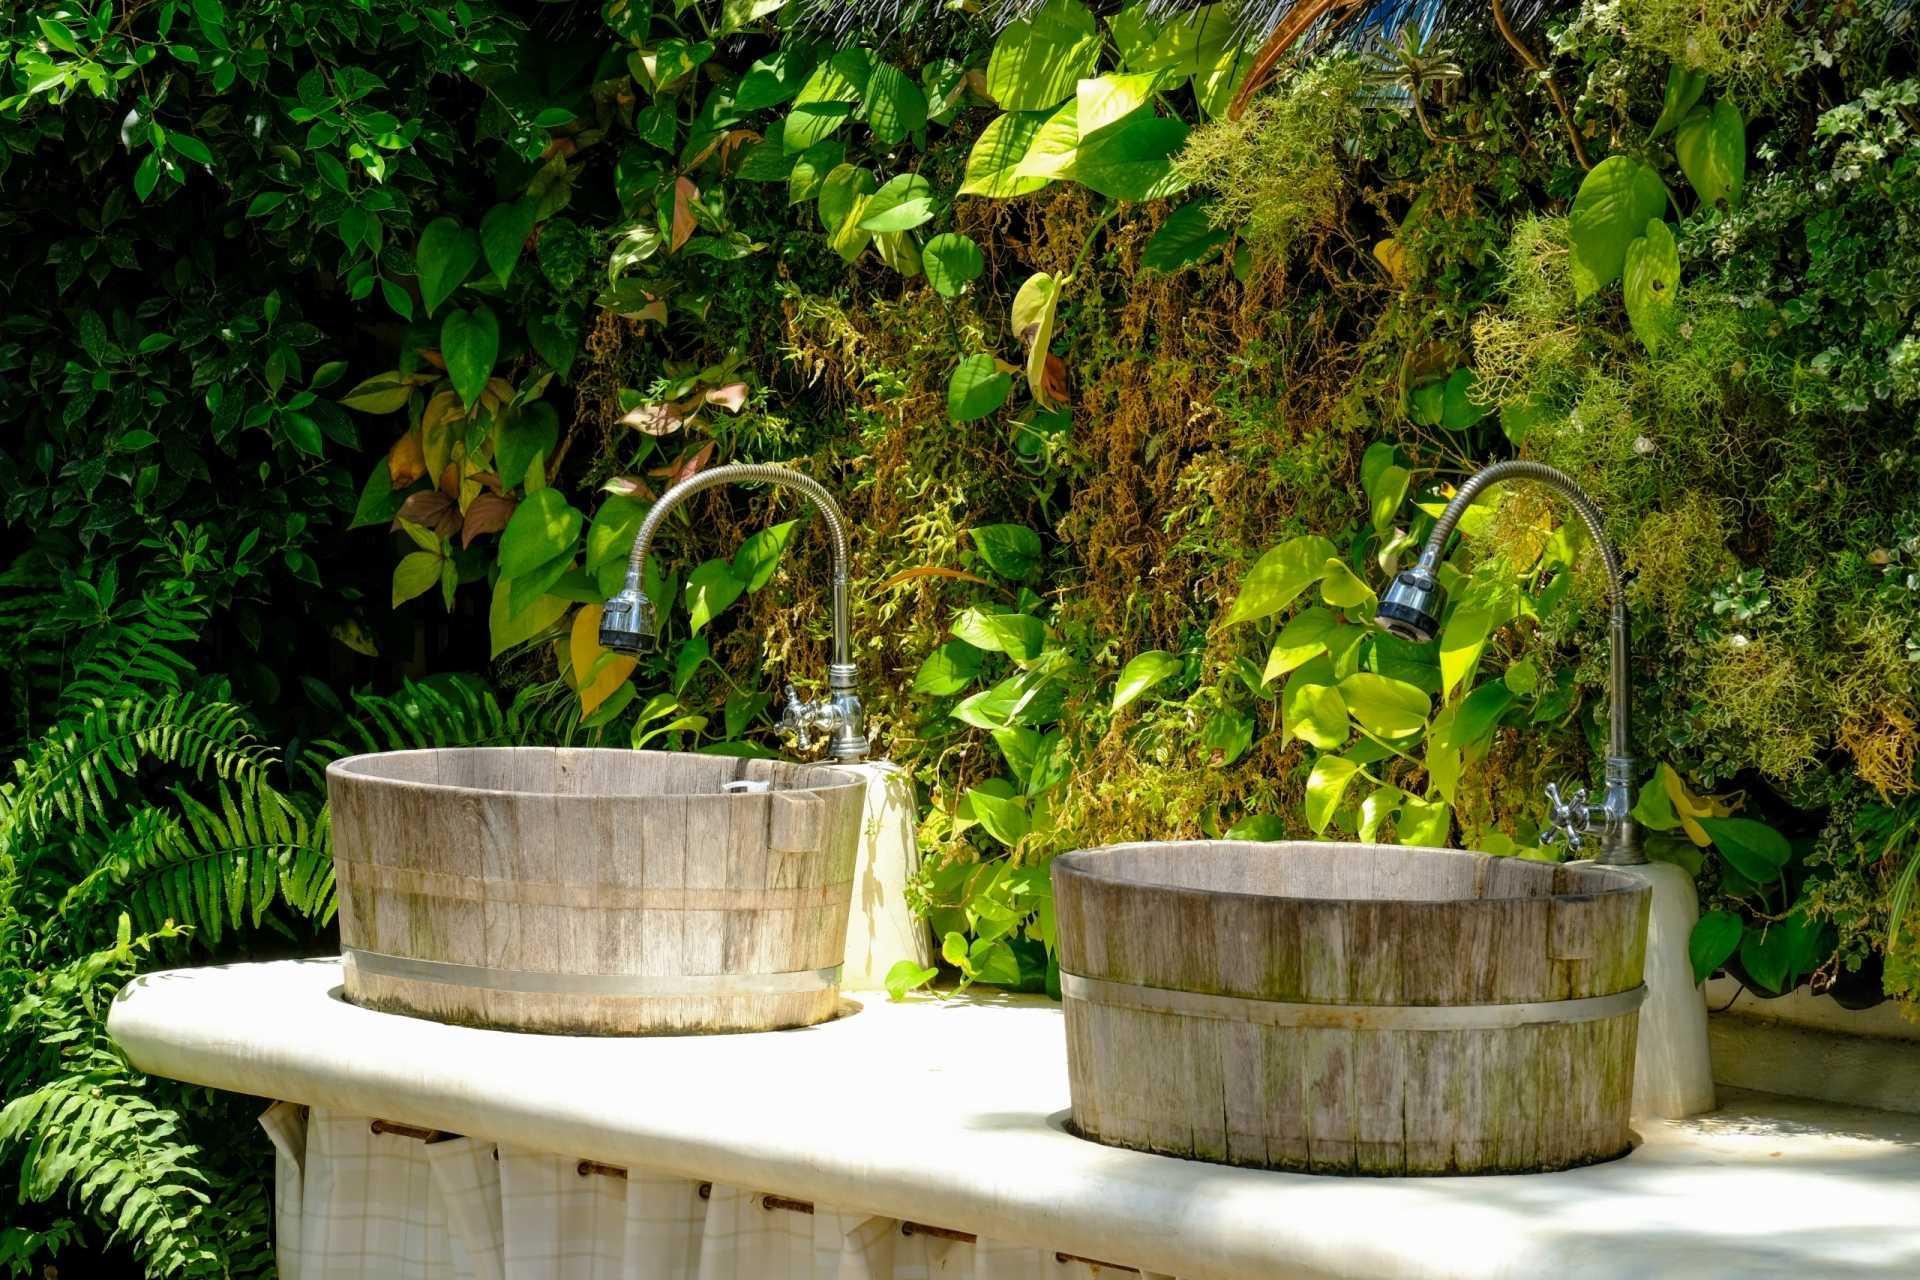 3 Garten Waschbecken, die sich perfekt für die Gartenarbeit eignen